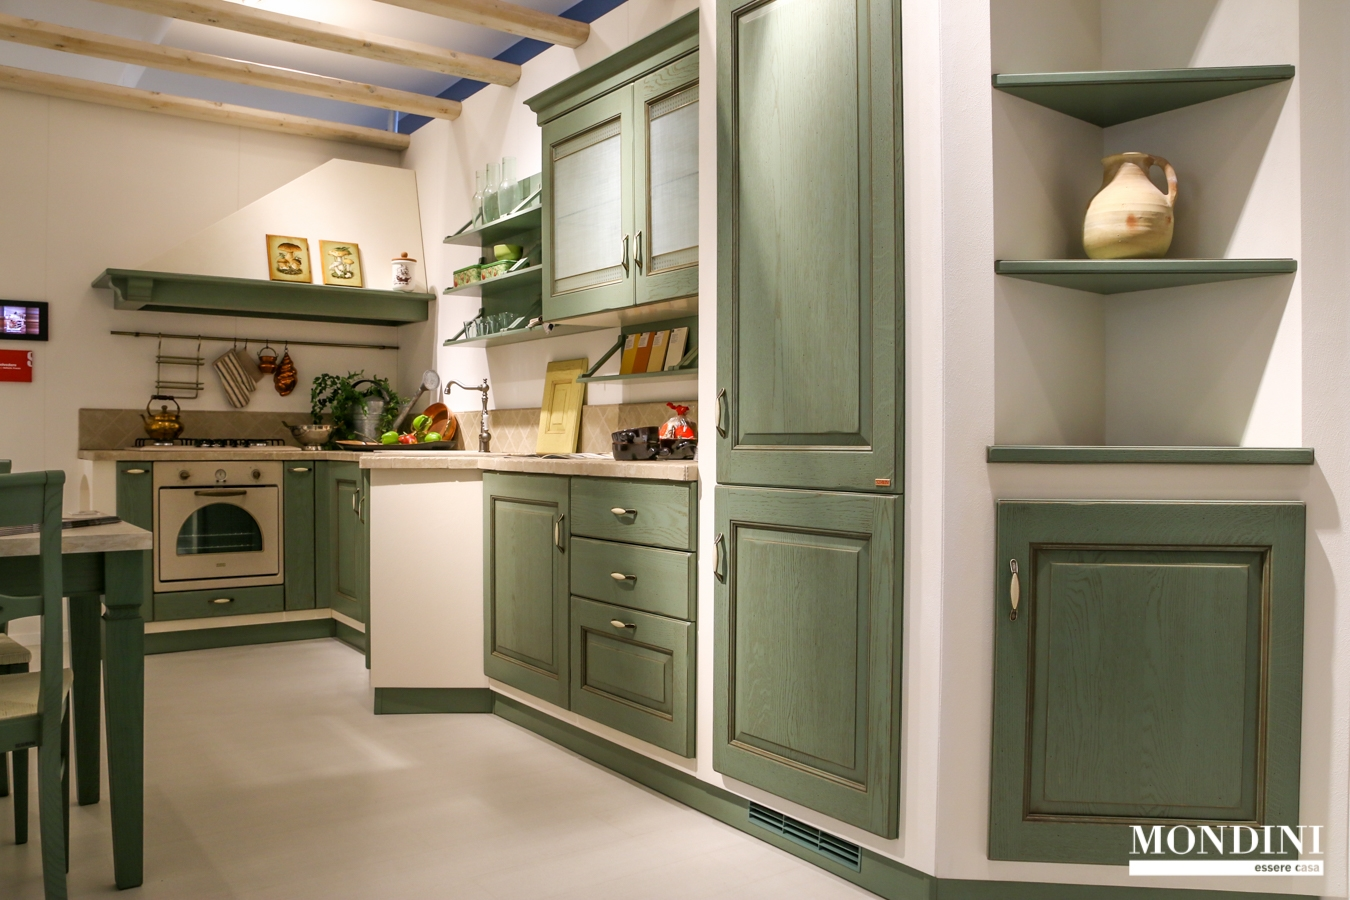 Cucina angolare scavolini in muratura scontata del 51 cucine a prezzi scontati - Cucina a muratura ...